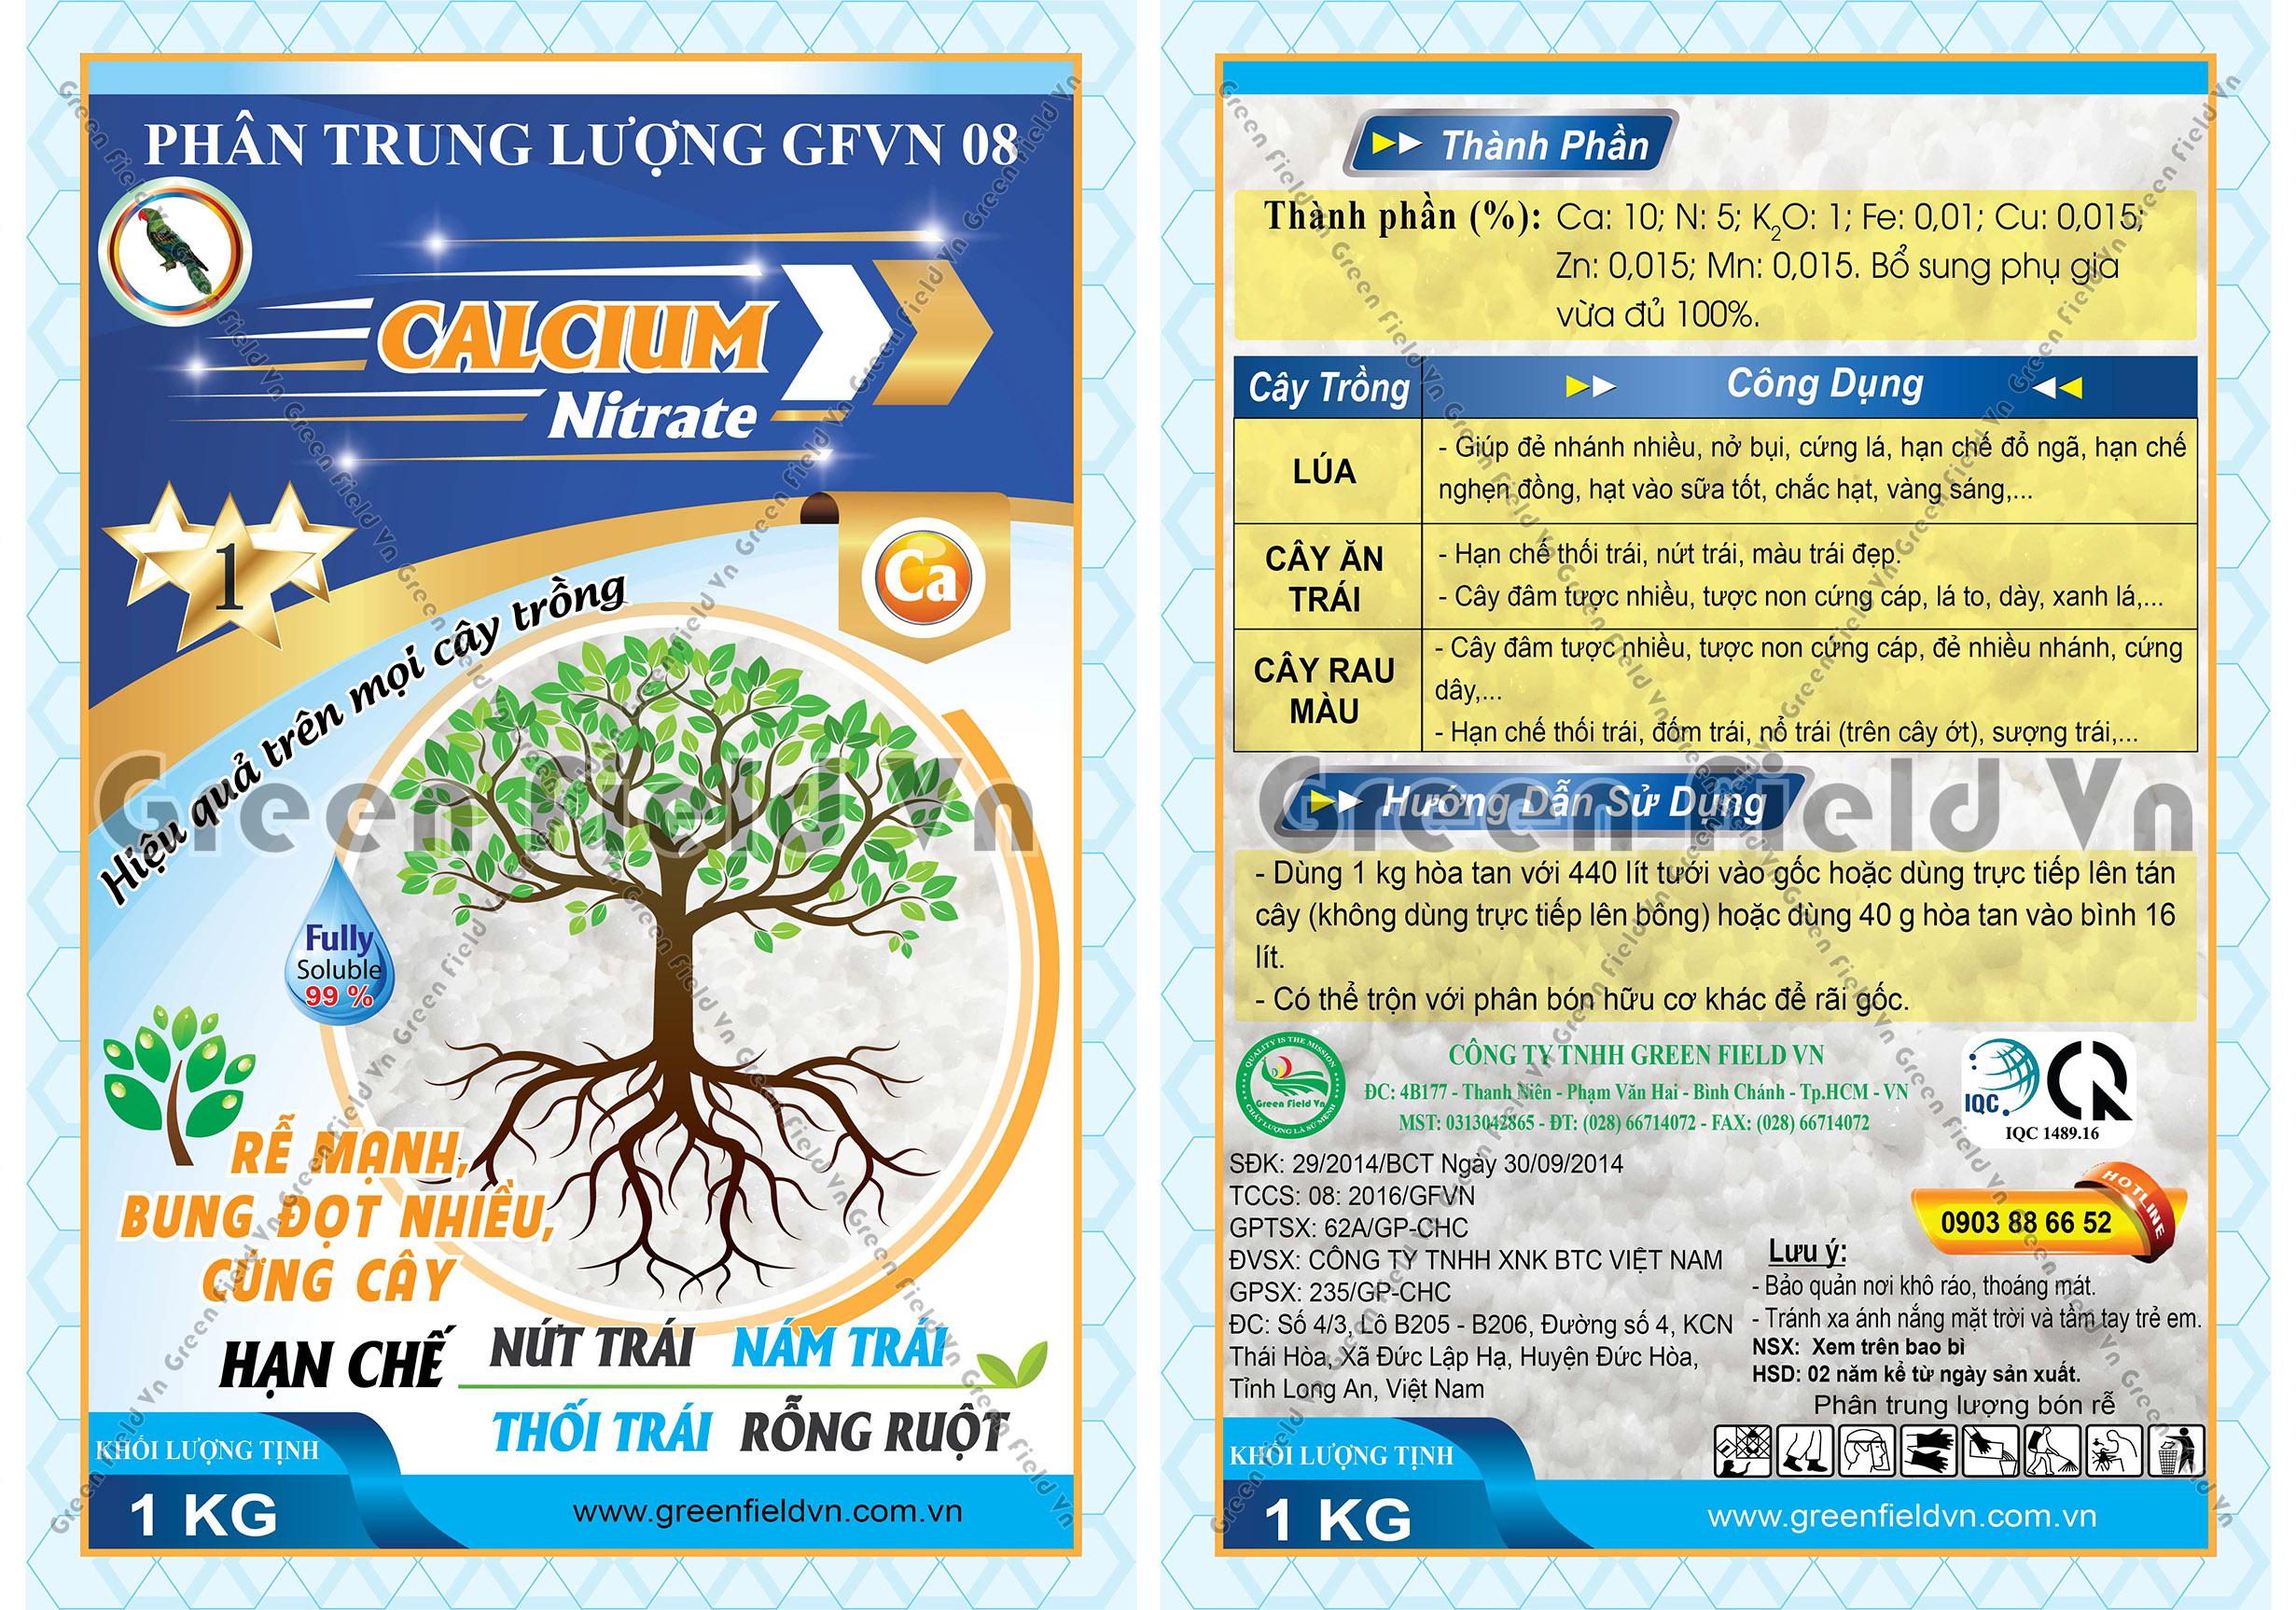 GF 09 - CALCIUM NITRATE